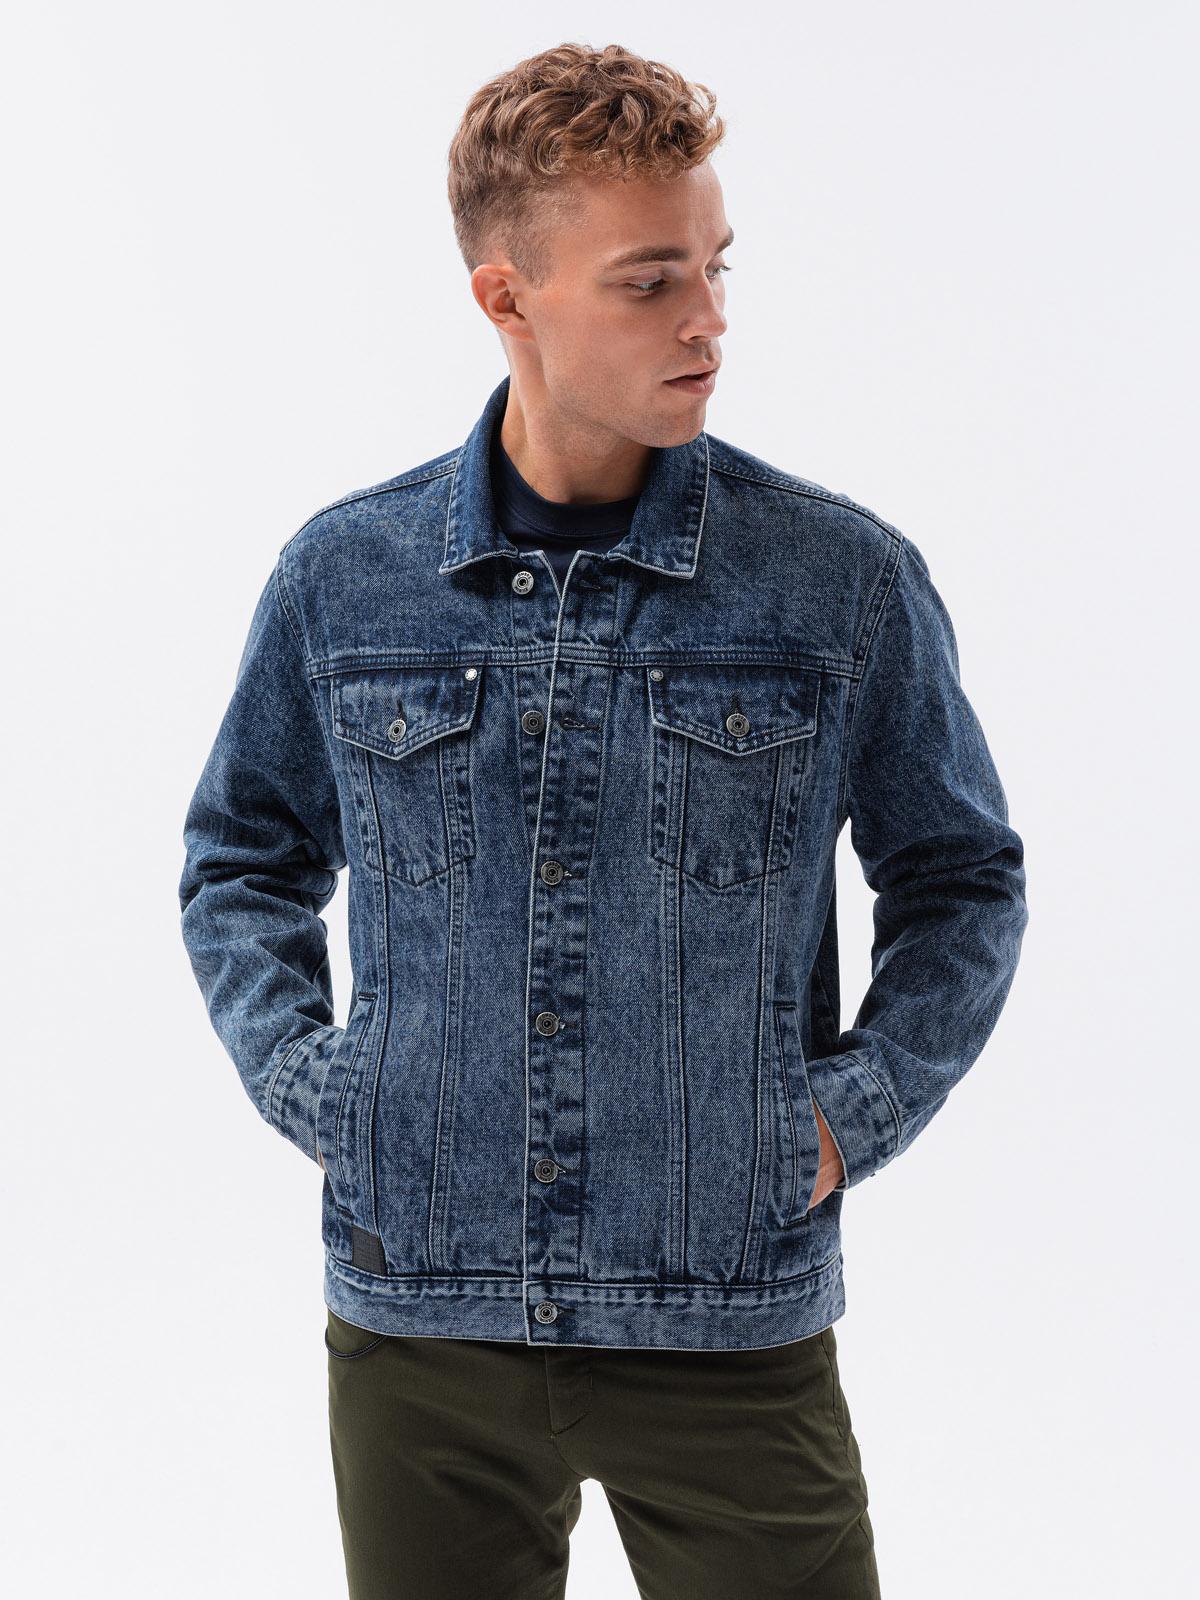 Kurtka męska jeansowa C441 - jeans